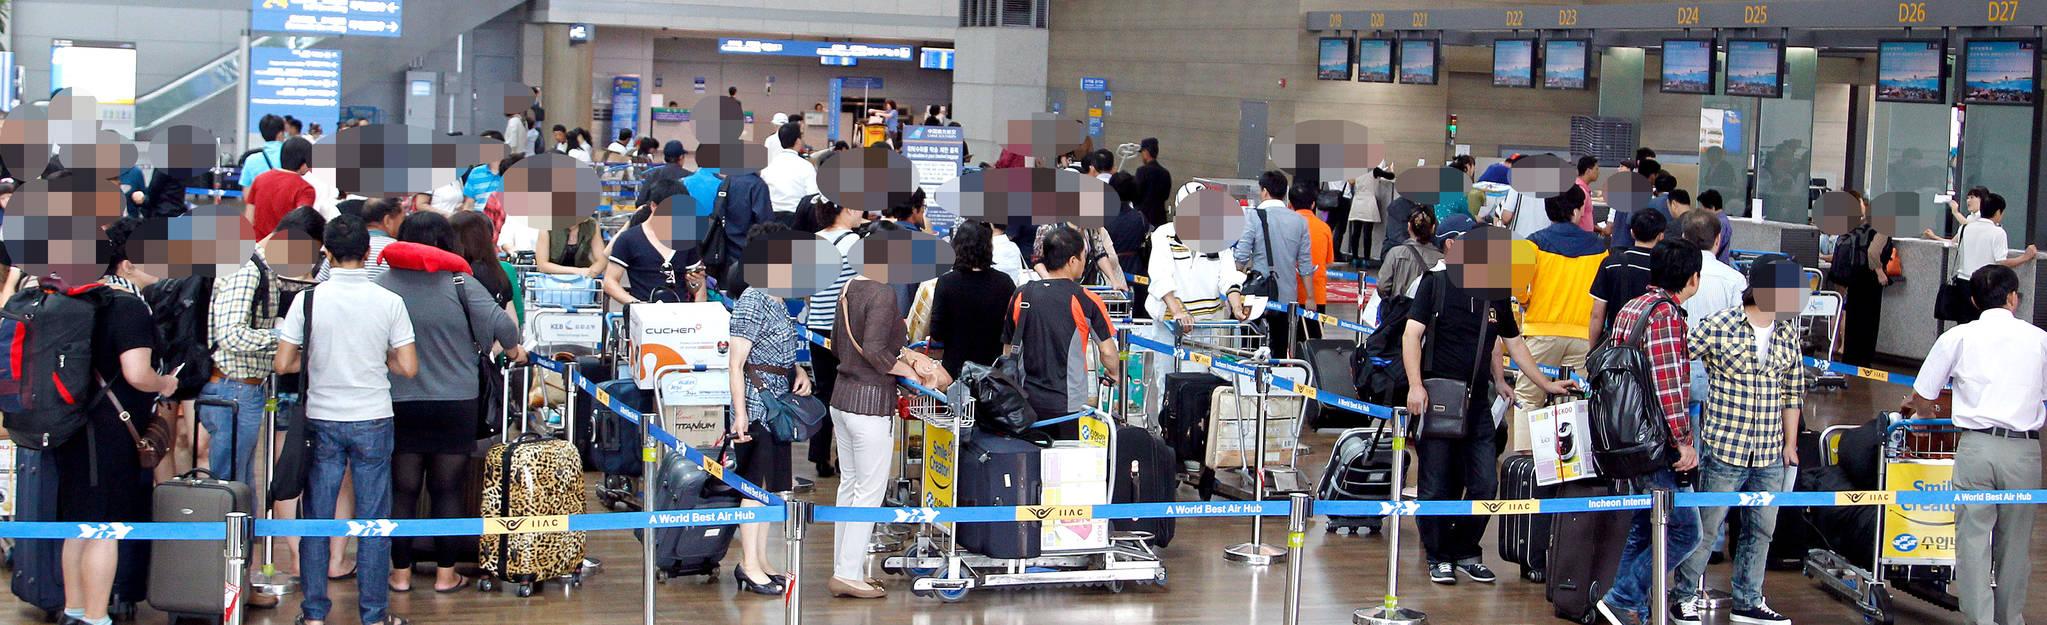 2011년 추석연휴(9월11~13일)를 앞둔 9월 8일 영종도 인천공항이 출국자들로 붐비고 있다.[연합뉴스]